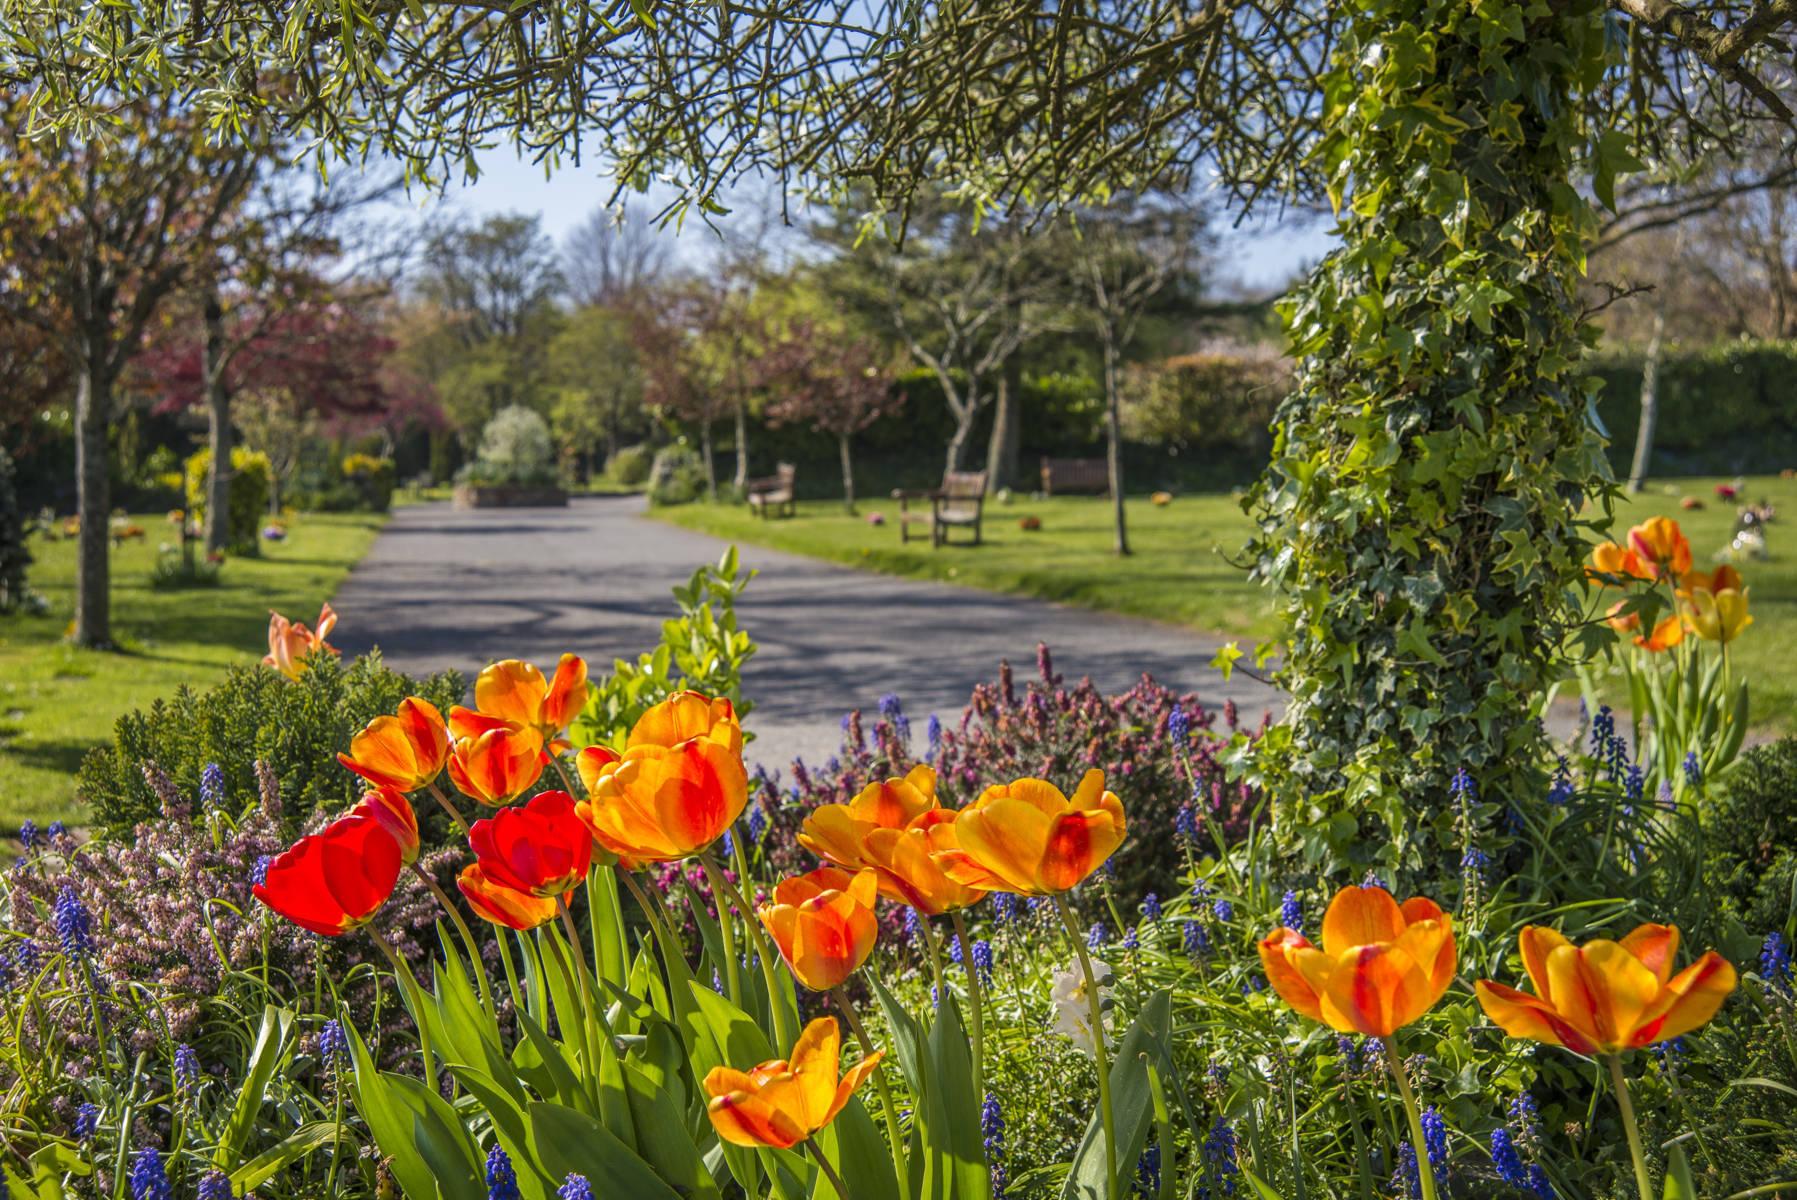 http://drakememorialpark.co.uk/upload/gallery_image/8b91b1270319114700.JPG